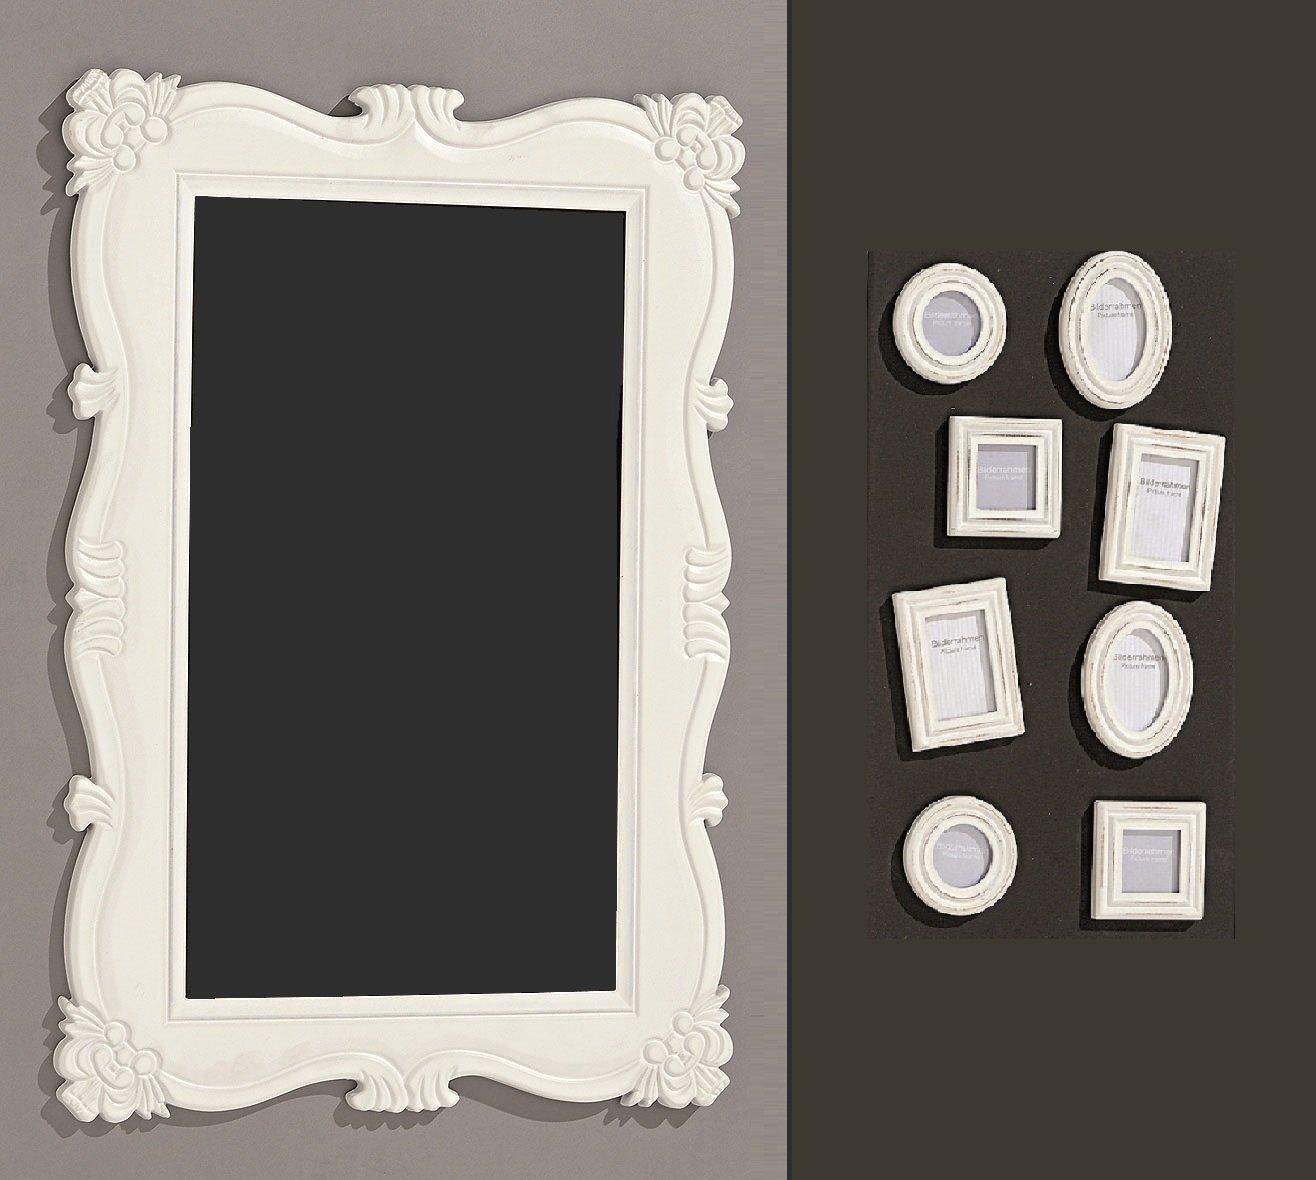 fein wie eine magnetische tafel rahmen machen fotos benutzerdefinierte bilderrahmen ideen. Black Bedroom Furniture Sets. Home Design Ideas